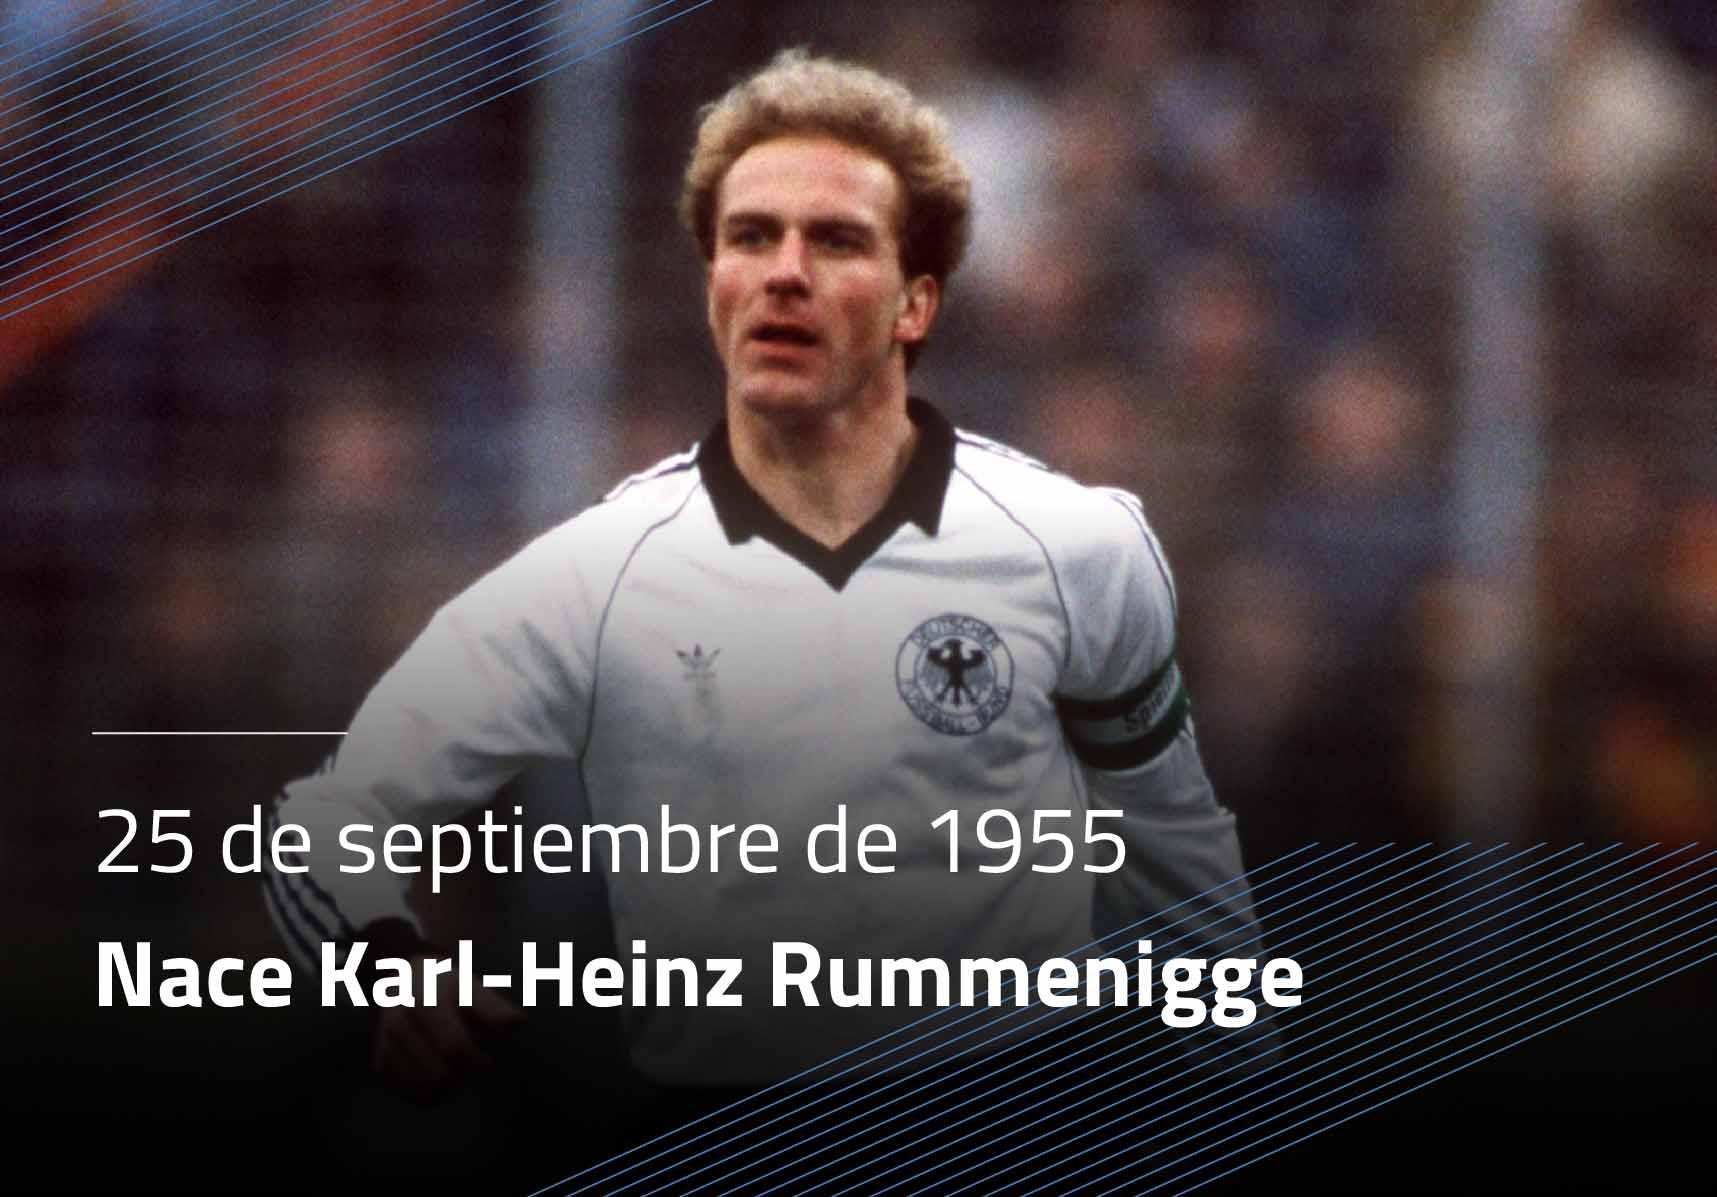 Nace Karl Heinz Rummenigge